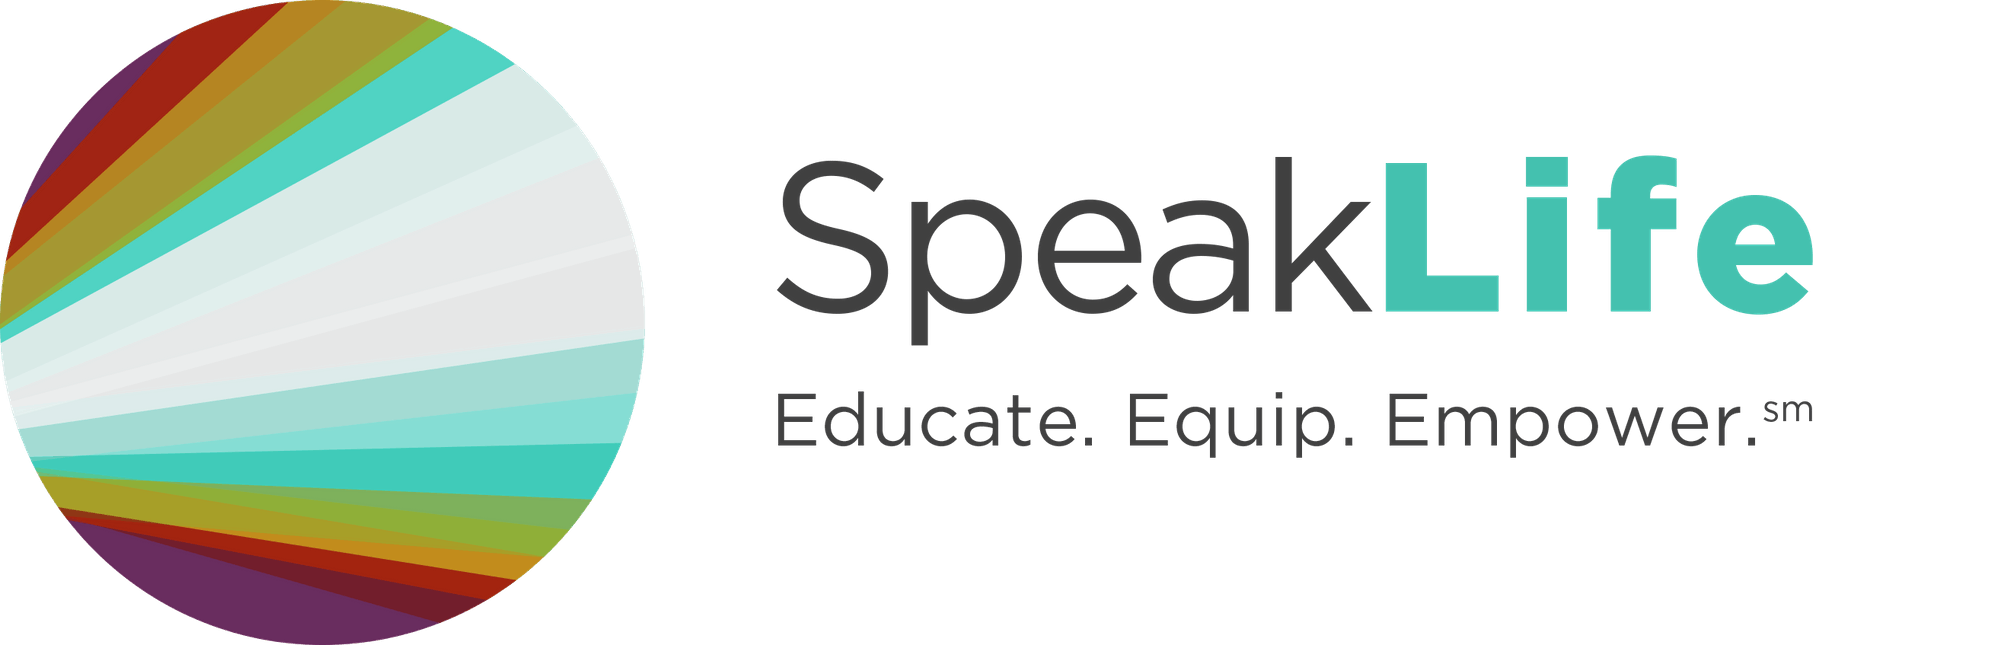 SpeakLife - SmarterU LMS - Blended Learning